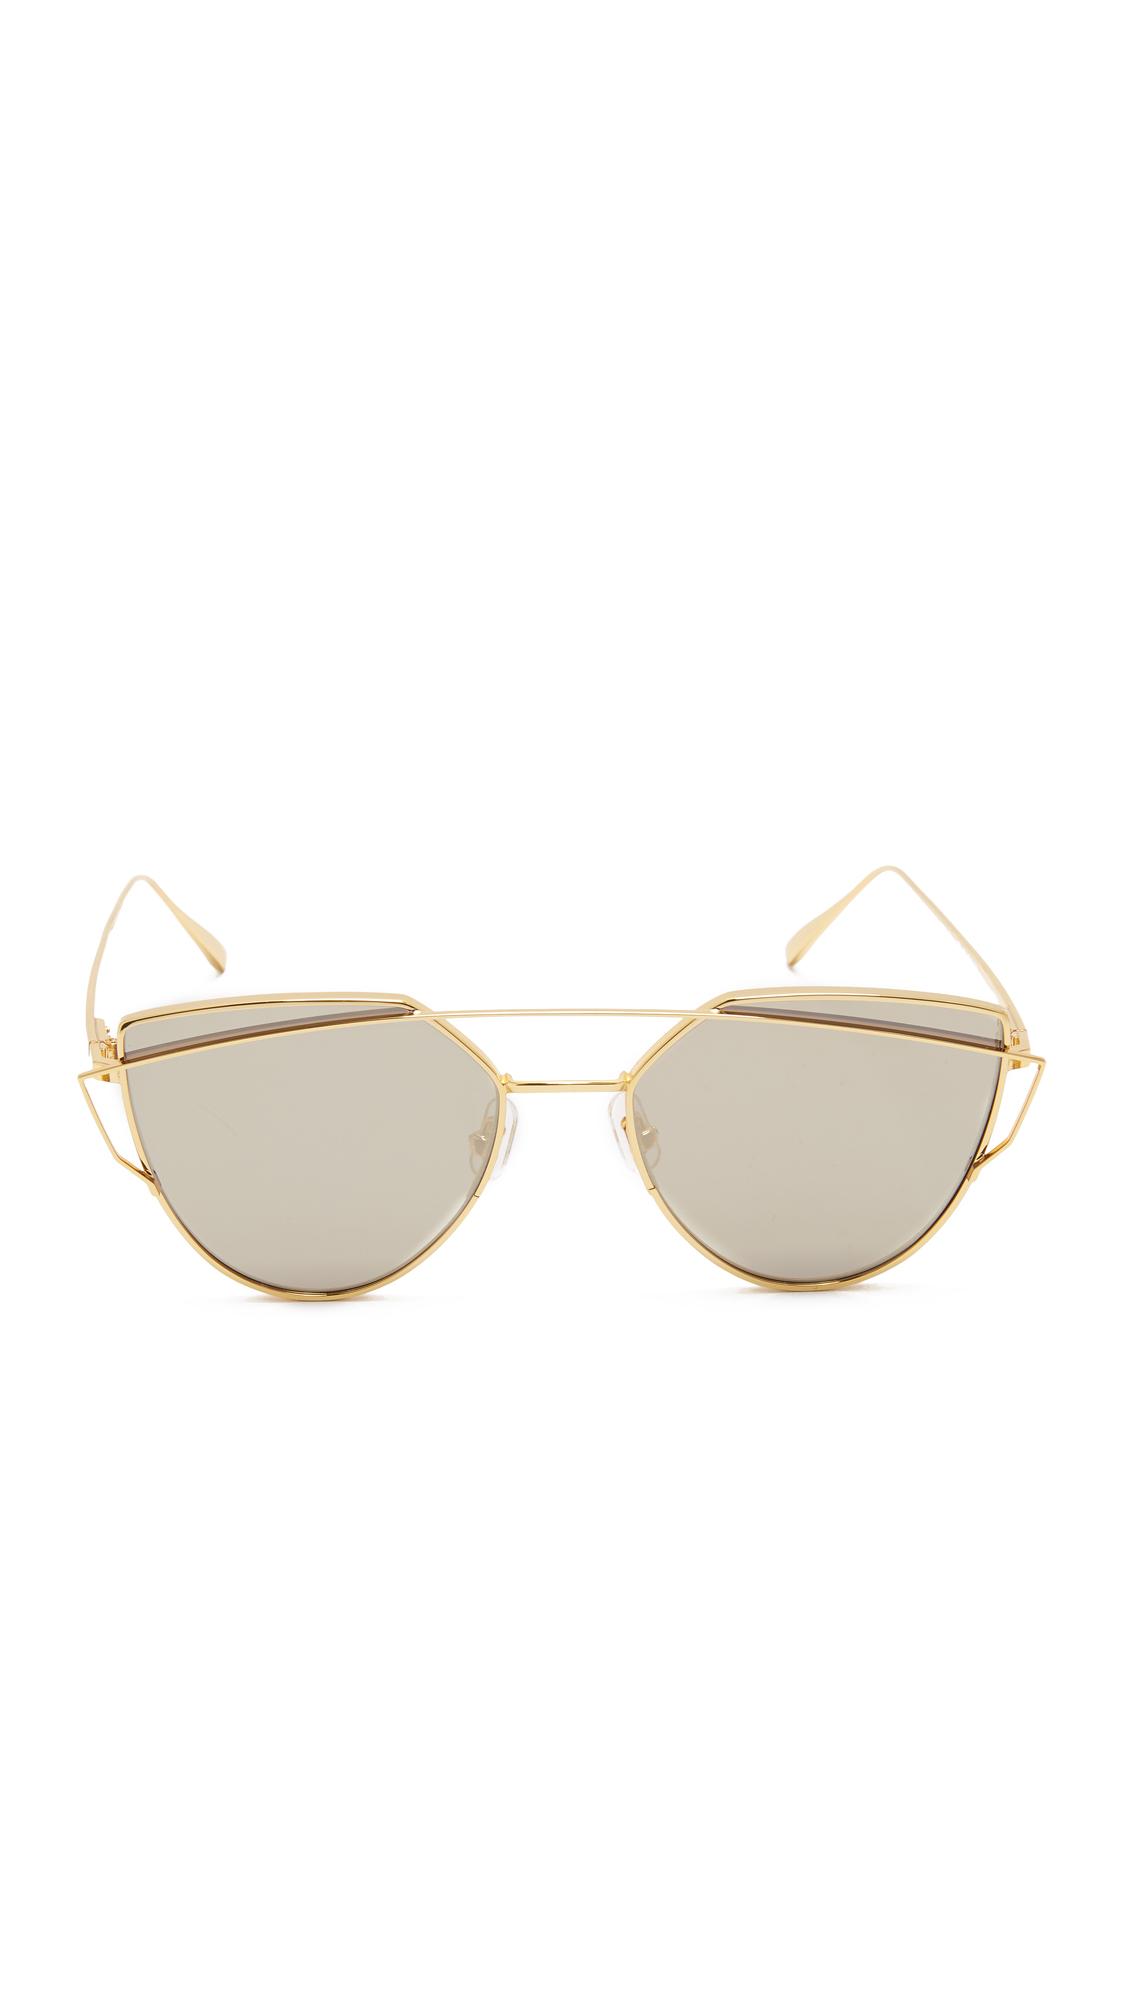 42ee9c929275 Gentle Monster Love Punch Sunglasses